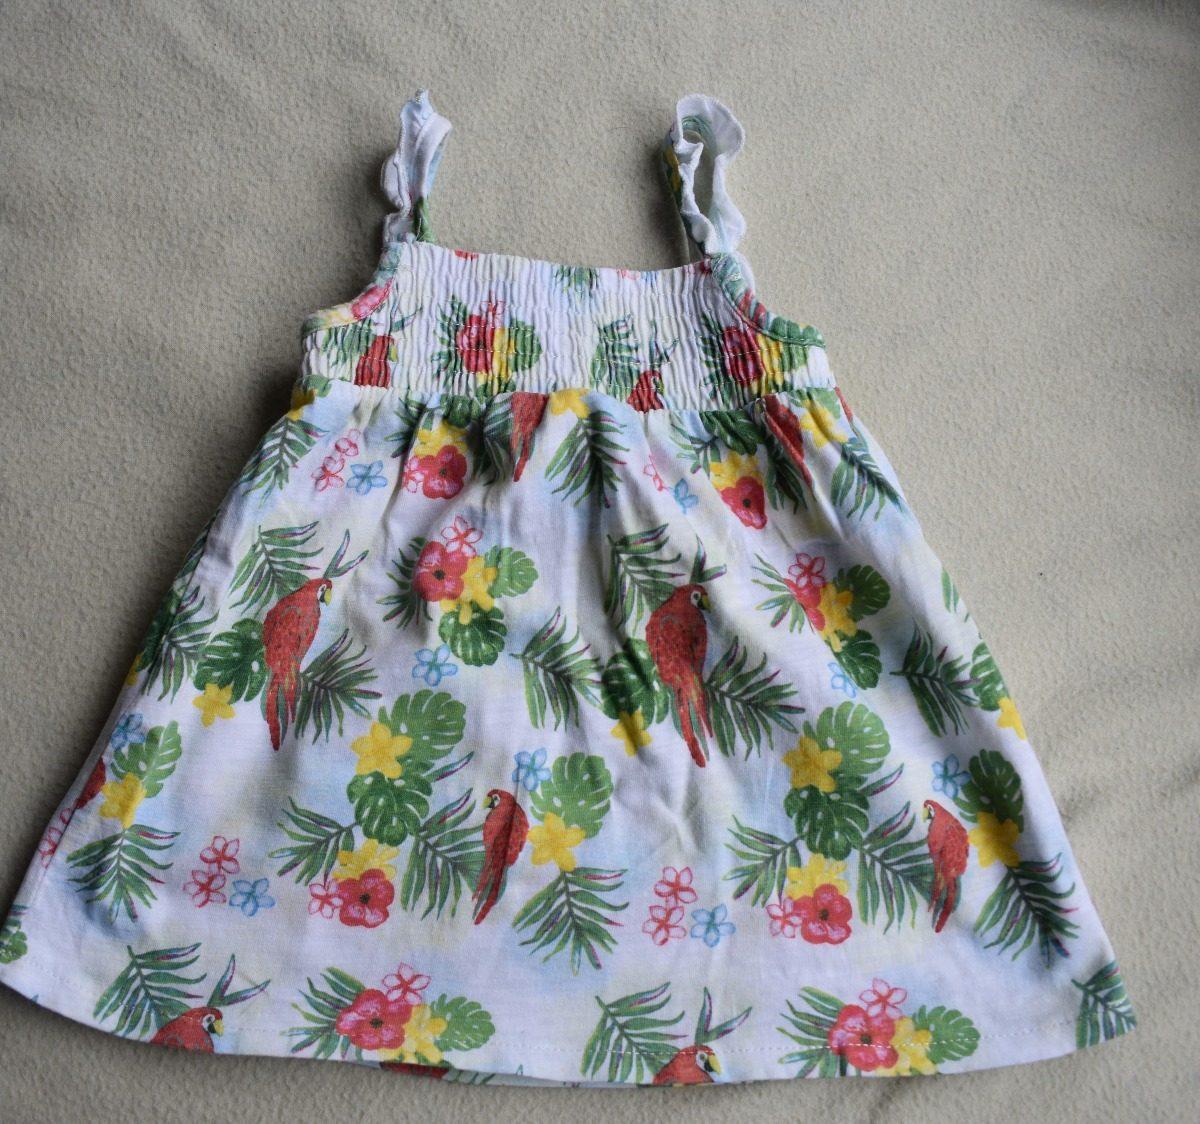 3 4 Cargando Importado Zoom Zara Niña Original Años Vestido Solero SwxBCqXP1 ff8dba0859b